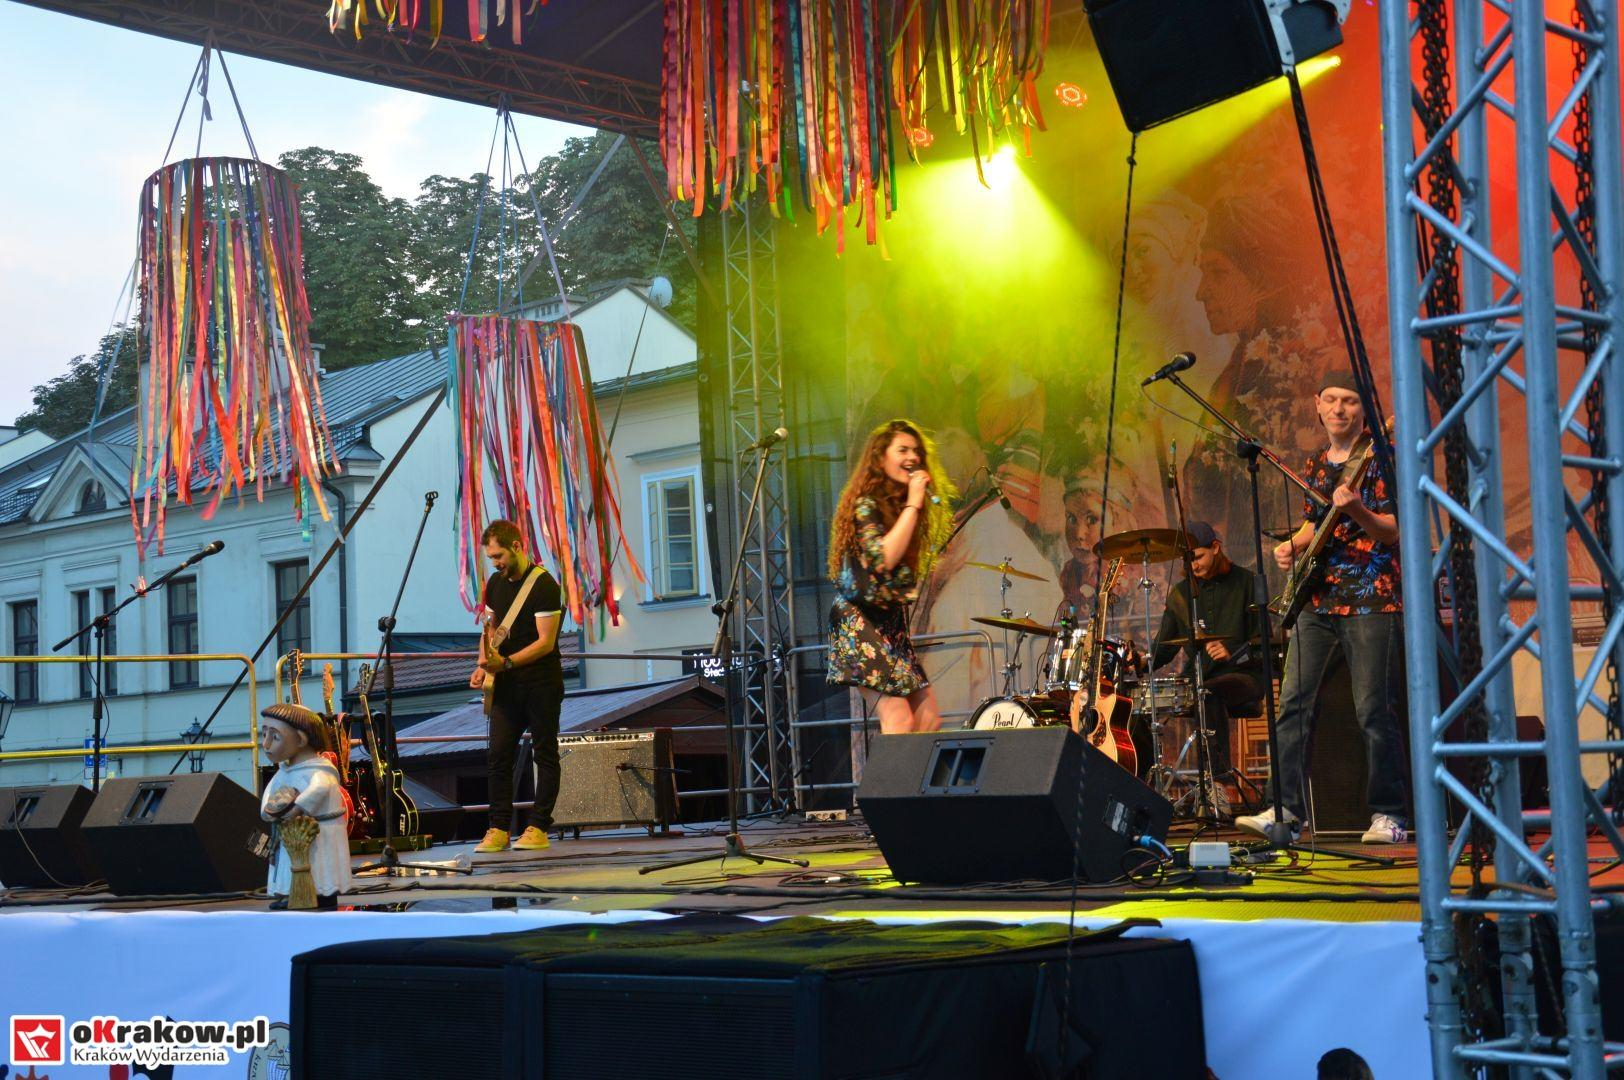 krakow festiwal pierogow maly rynek koncert cheap tobacco 178 150x150 - Galeria zdjęć Festiwal Pierogów Kraków 2018 + zdjęcia z koncertu Cheap Tobacco